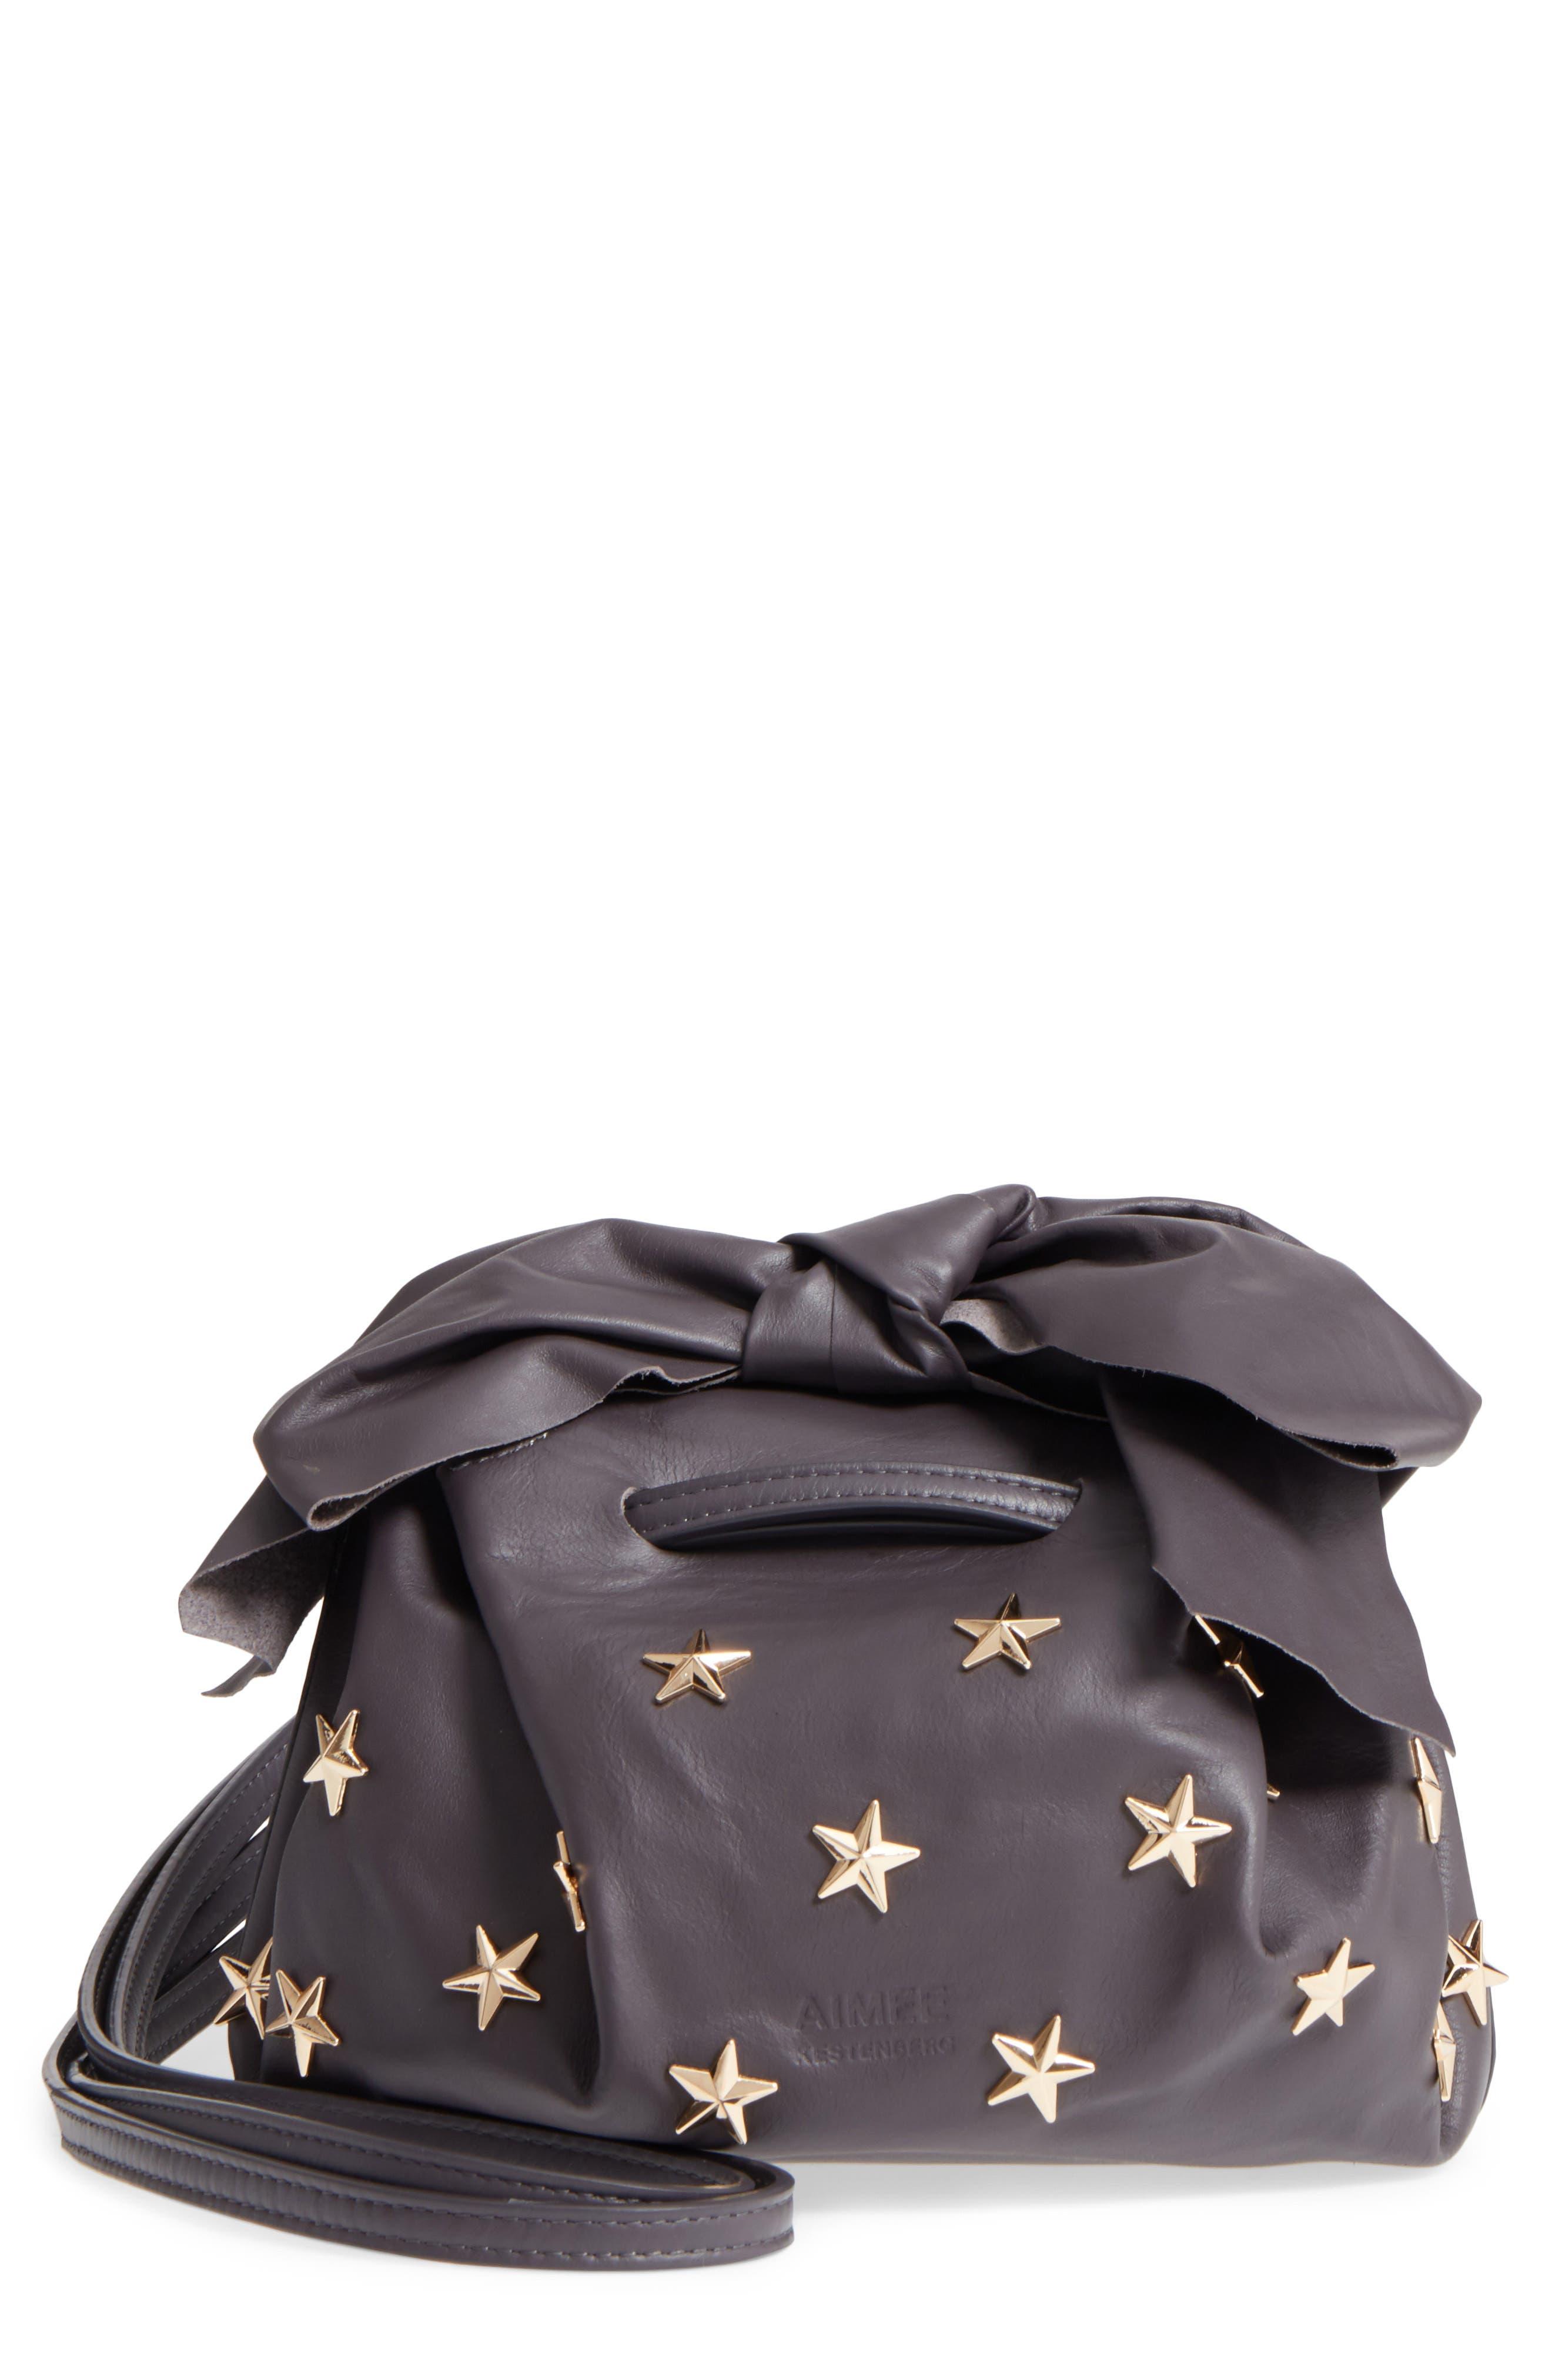 Soirée Star Stud Leather Crossbody Bag,                             Main thumbnail 1, color,